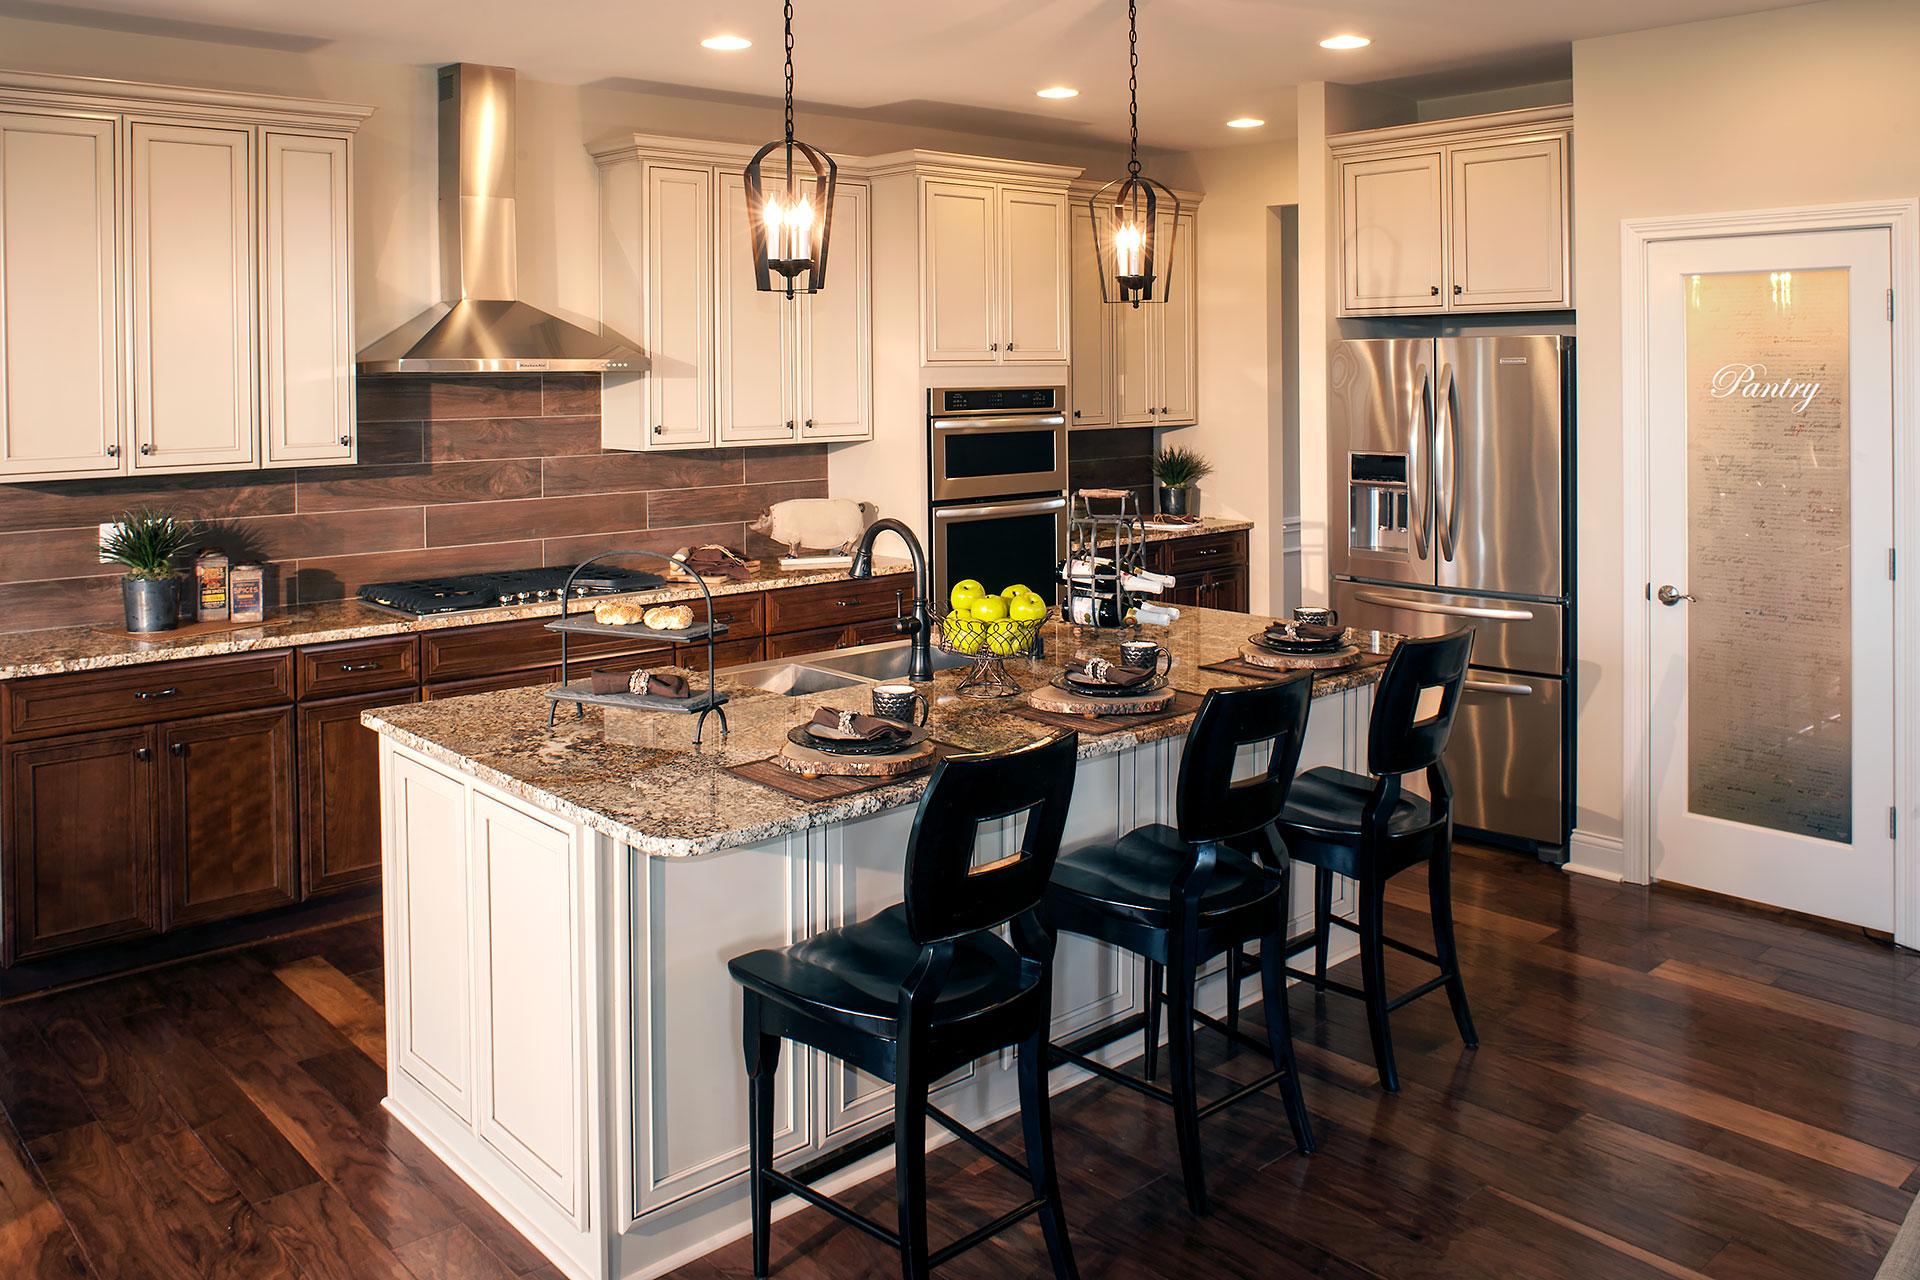 Custom Homes in Cincinnati, OH NKY | Drees Homes